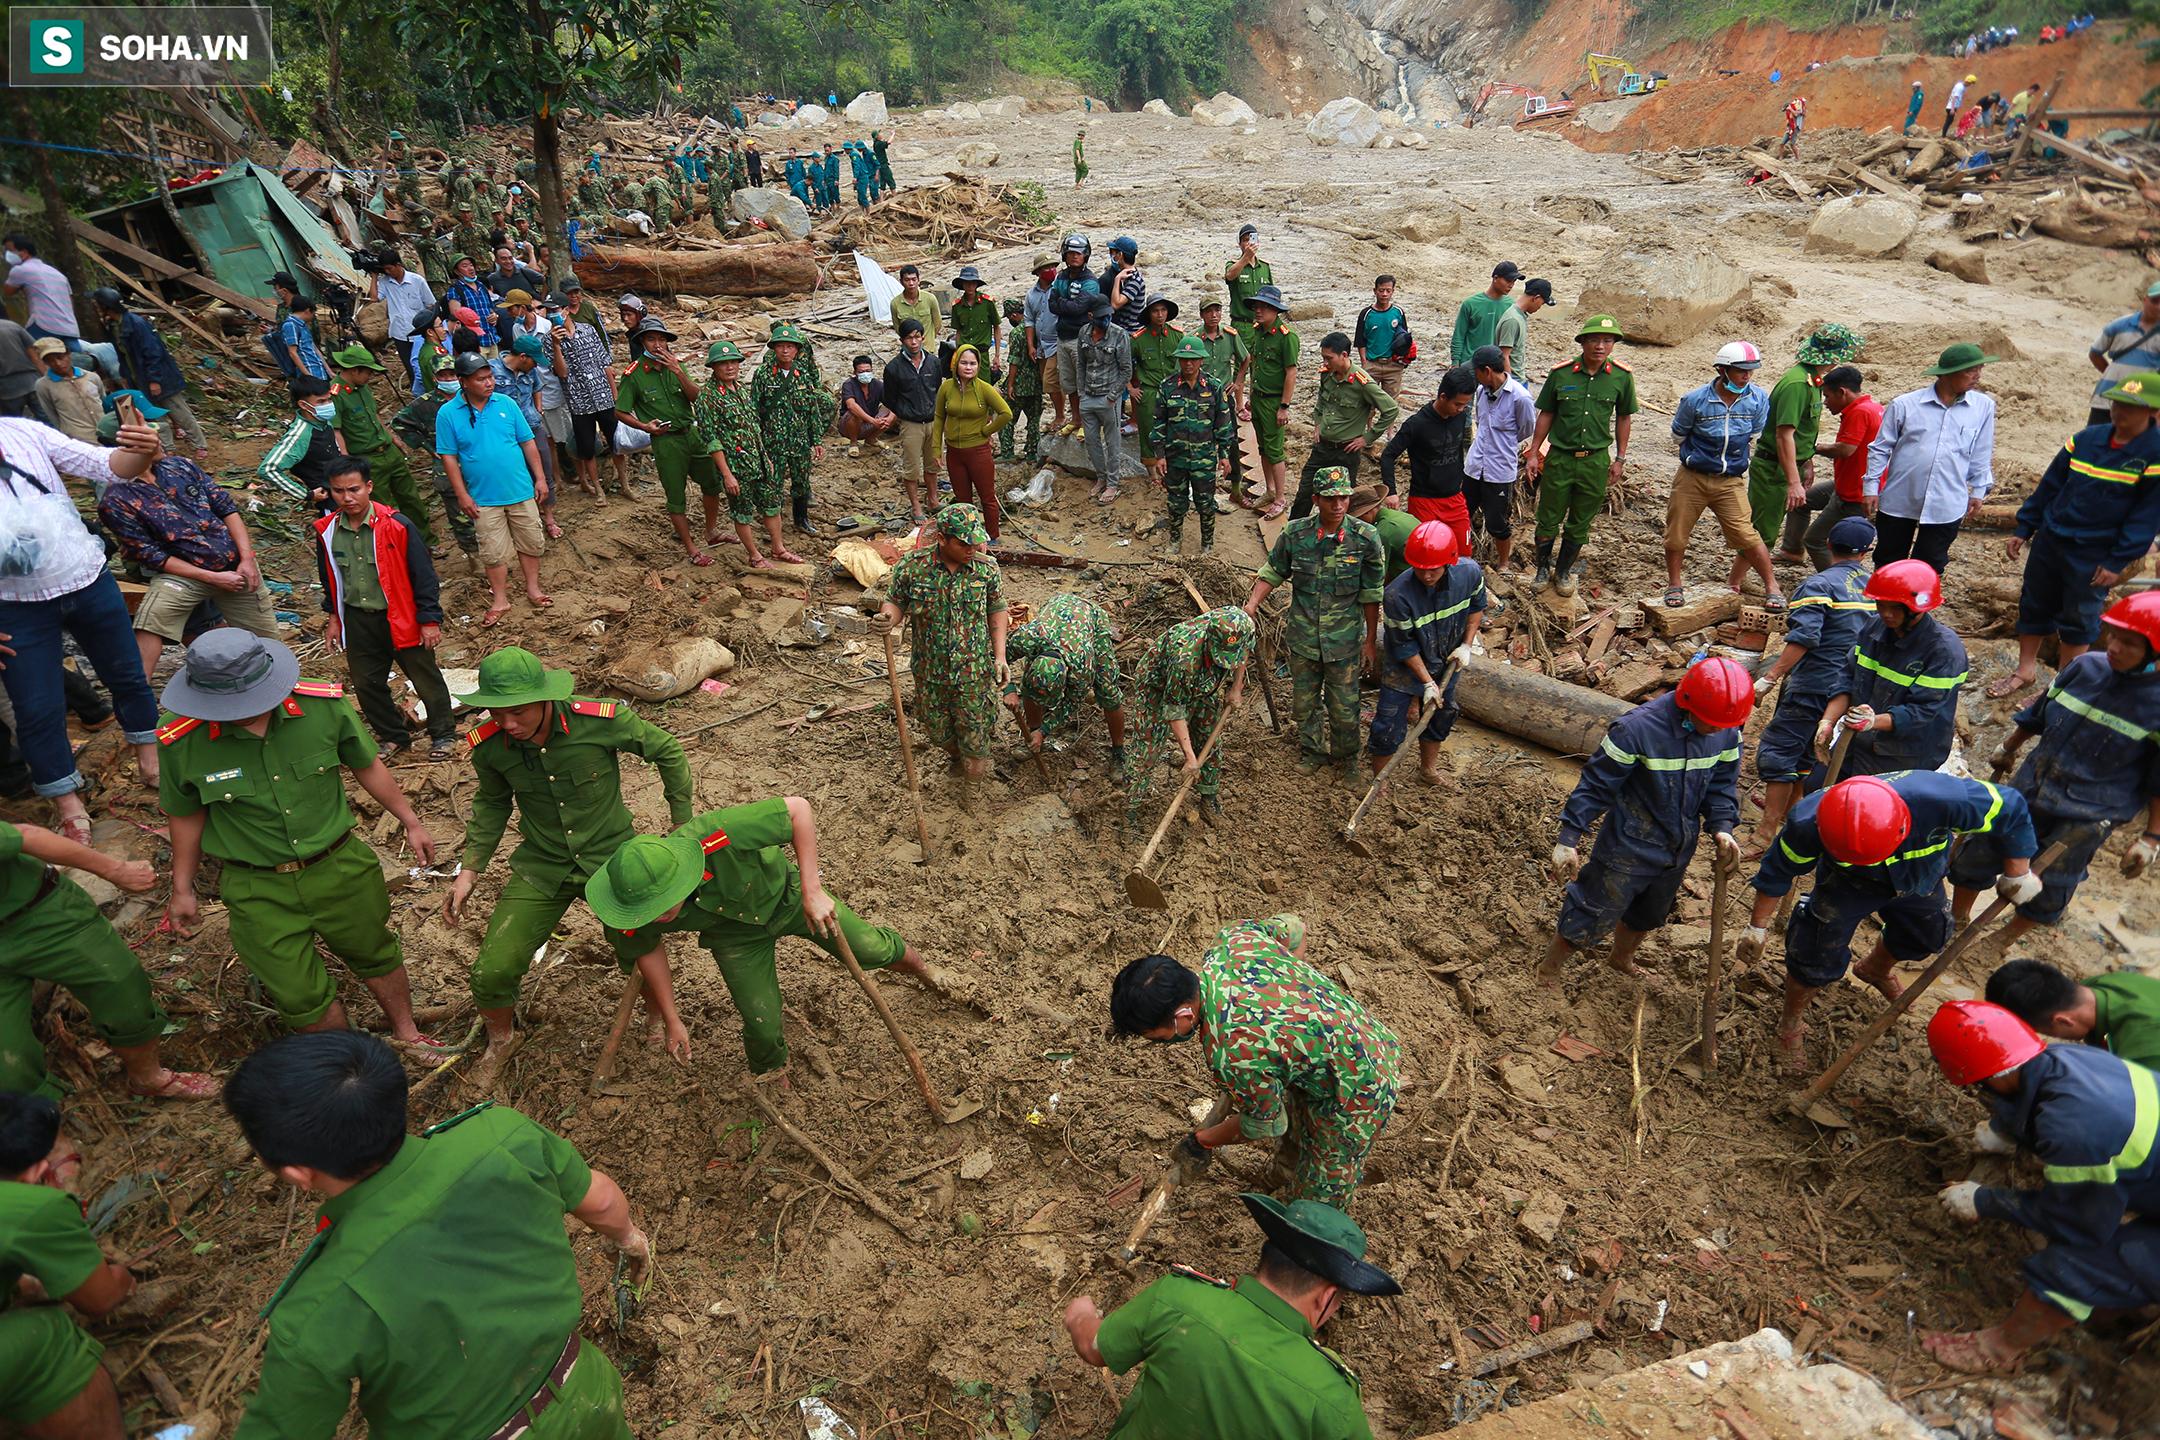 [Ảnh] Dân làng khóc nghẹn khi tìm thấy bé trai 10 tháng tuổi dưới lớp bùn đất vụ sạt lở ở Trà Leng - Ảnh 1.